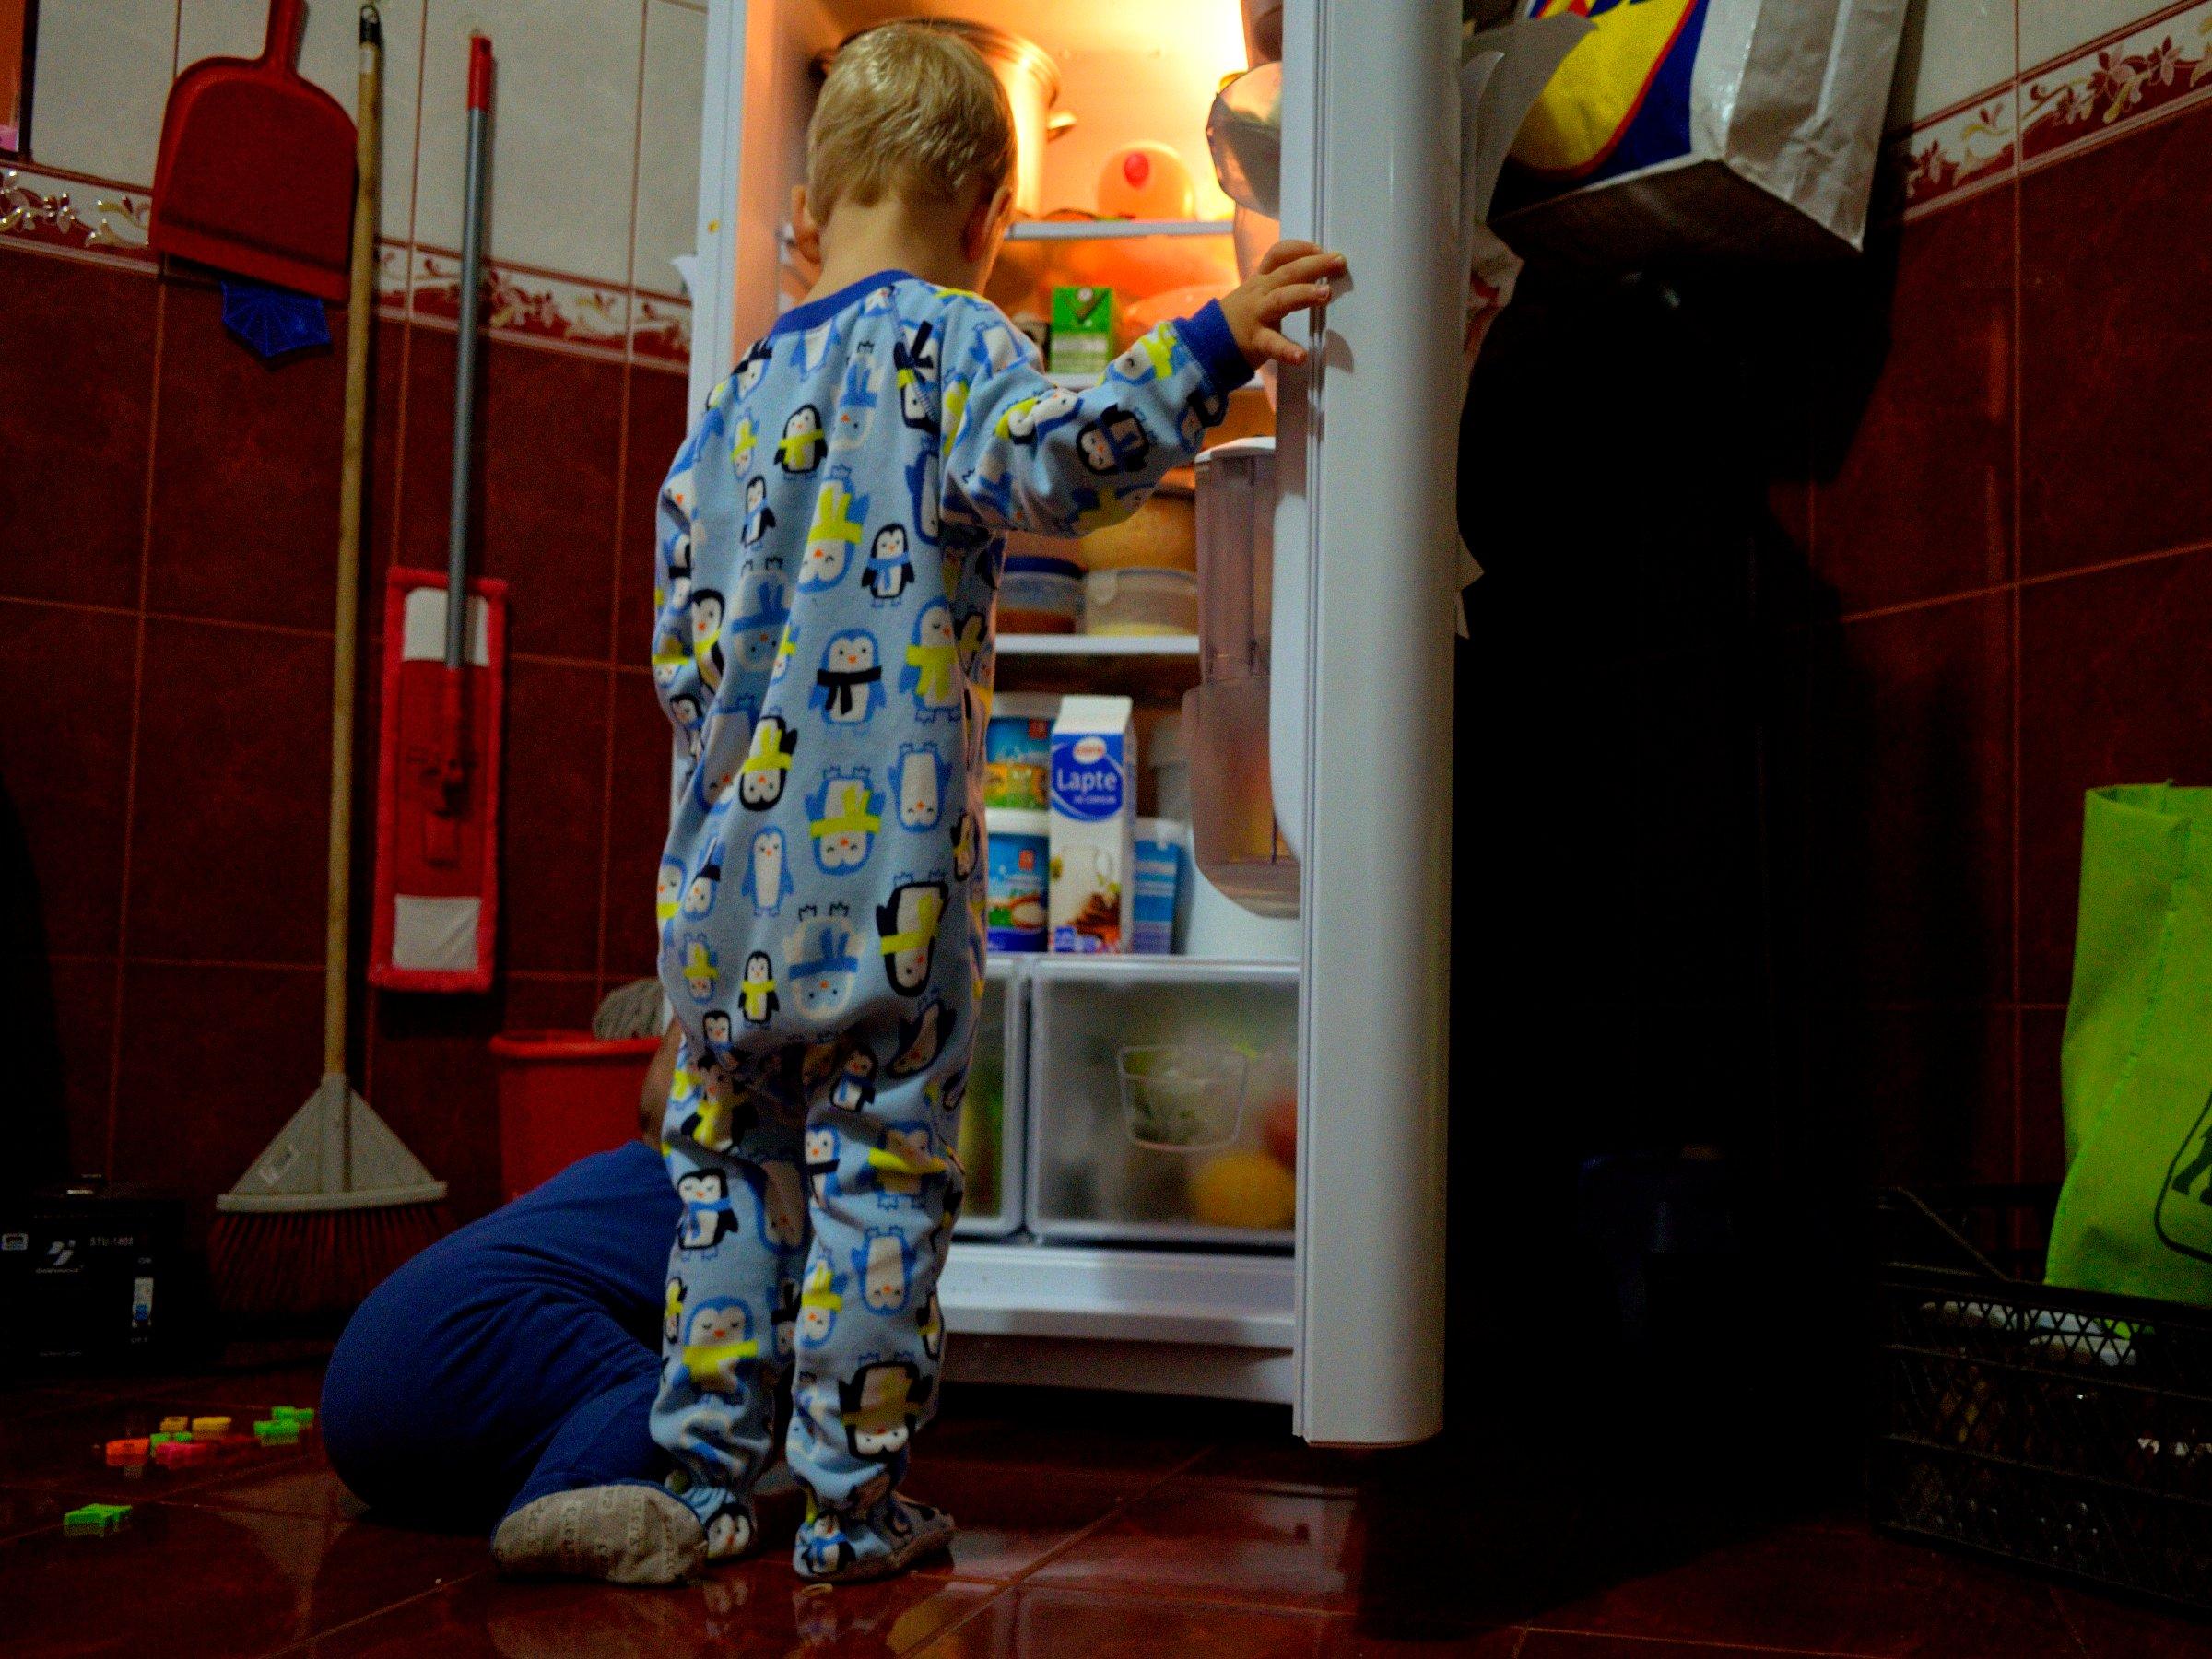 diy wie wird die wohnung kindersicher die wohnung mit kinderaugen betrachten. Black Bedroom Furniture Sets. Home Design Ideas